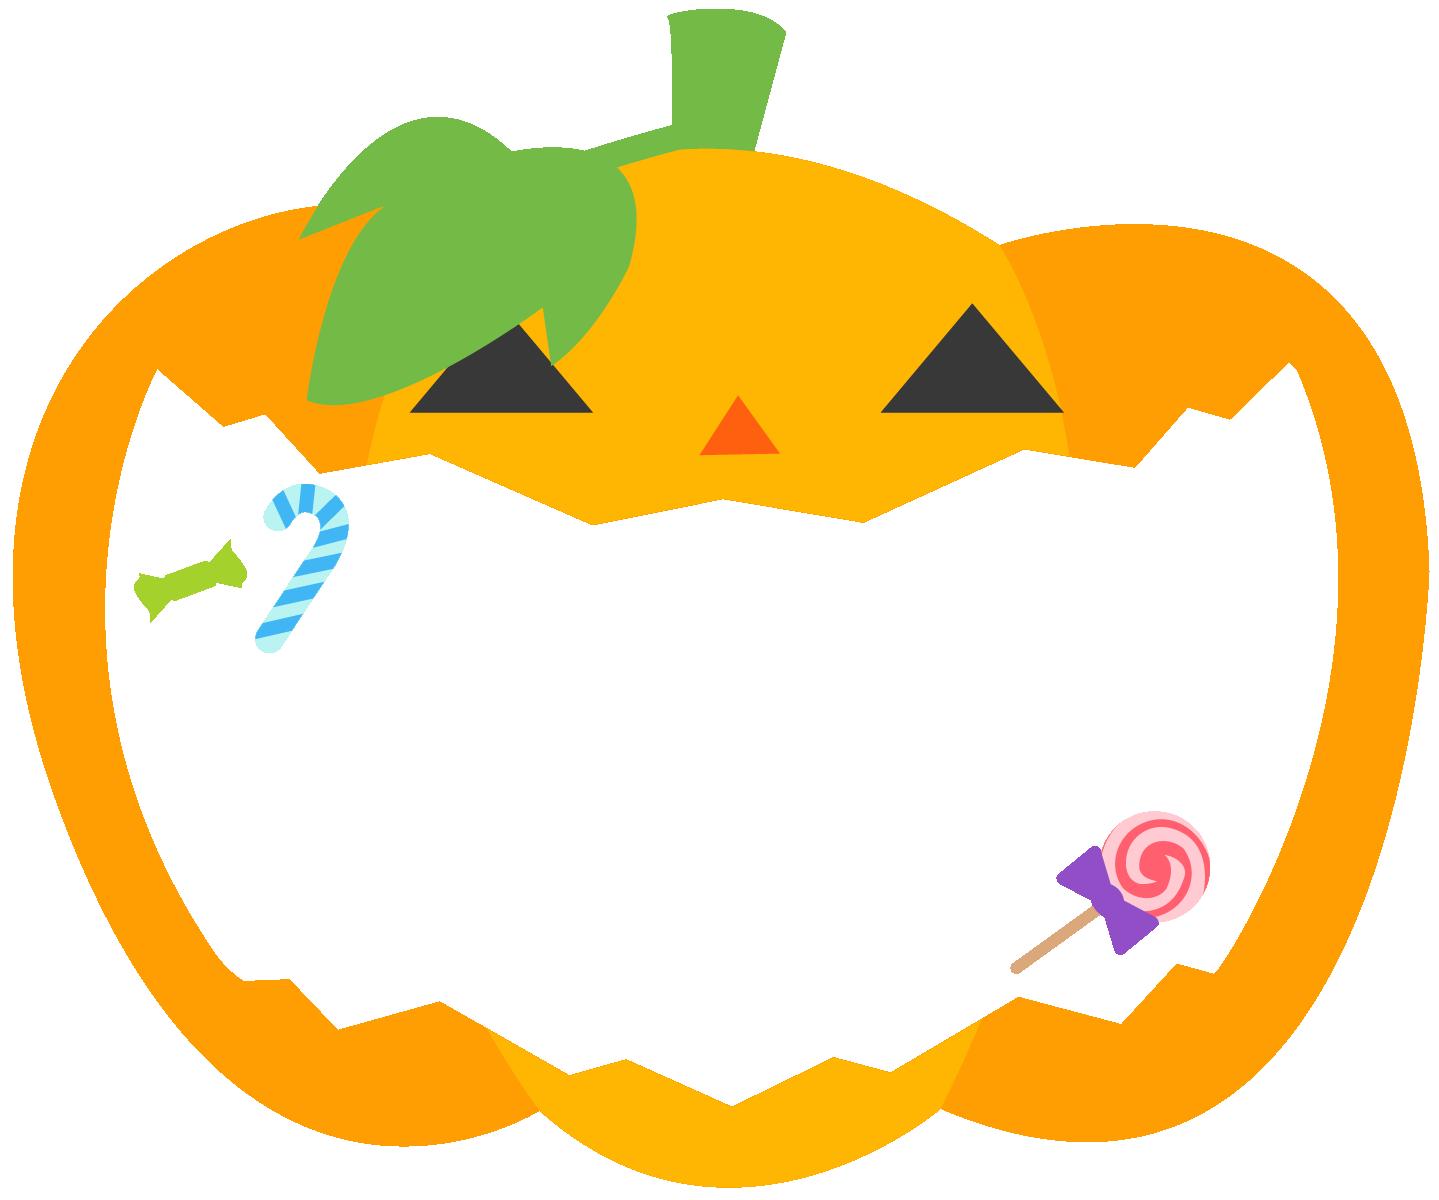 かぼちゃの背景枠フレームイラスト